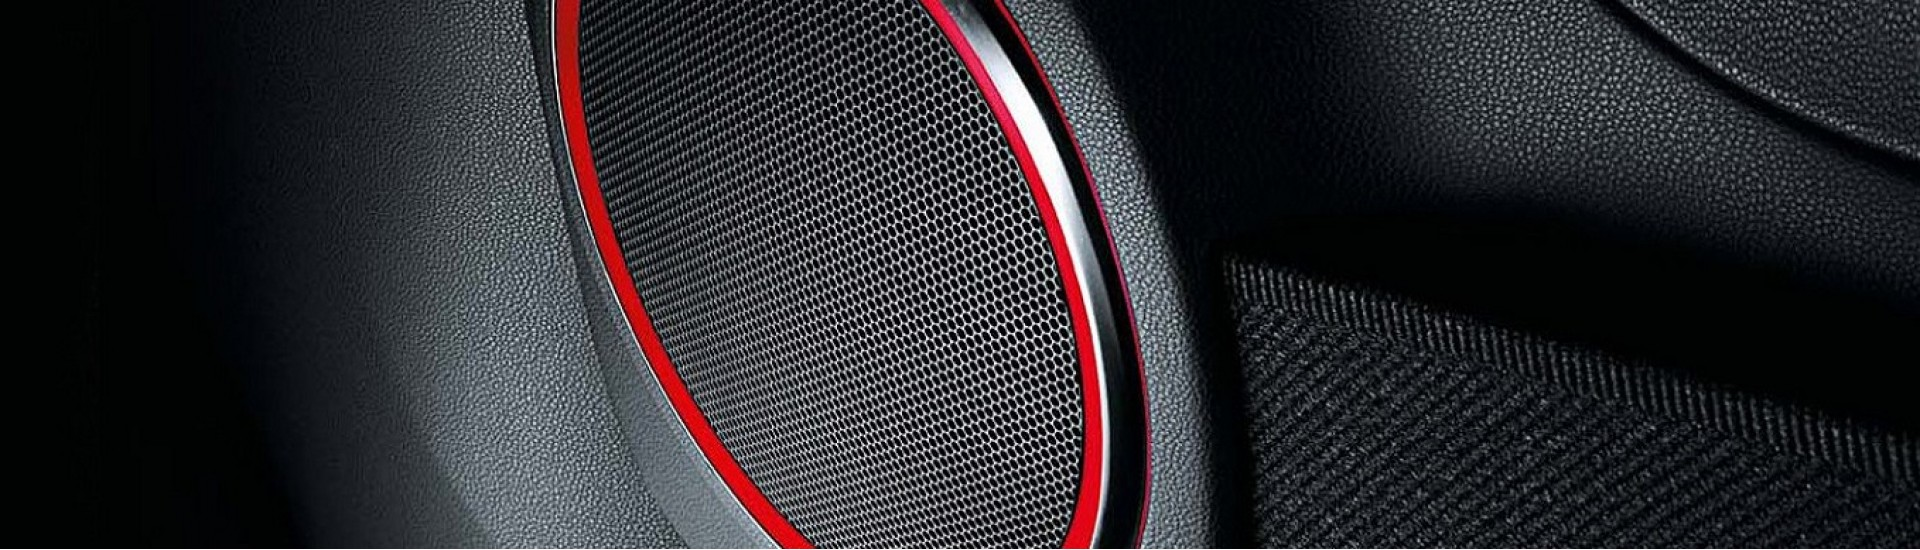 اسپیکر فابریکی ، قیمت اسپیکر فابریکی ، factory speakers